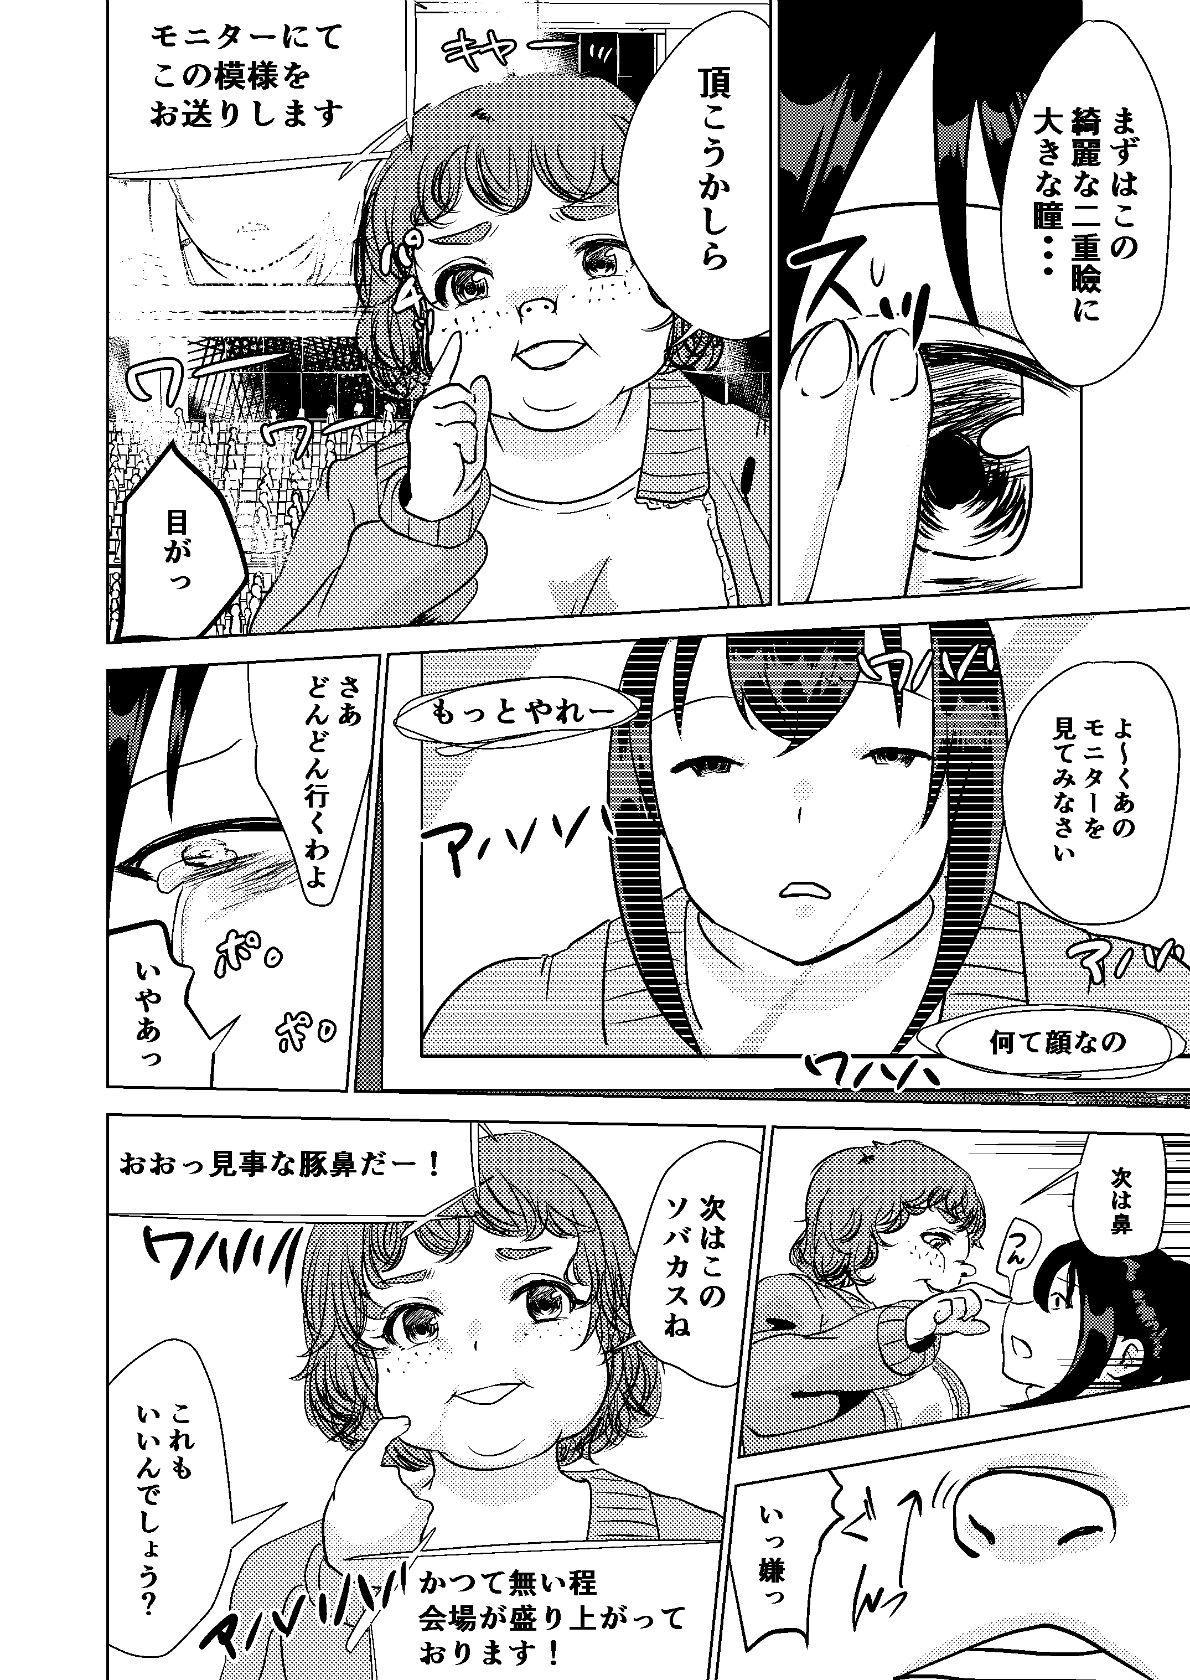 Kyou kara Watashi wa Anata ni Naru. 27